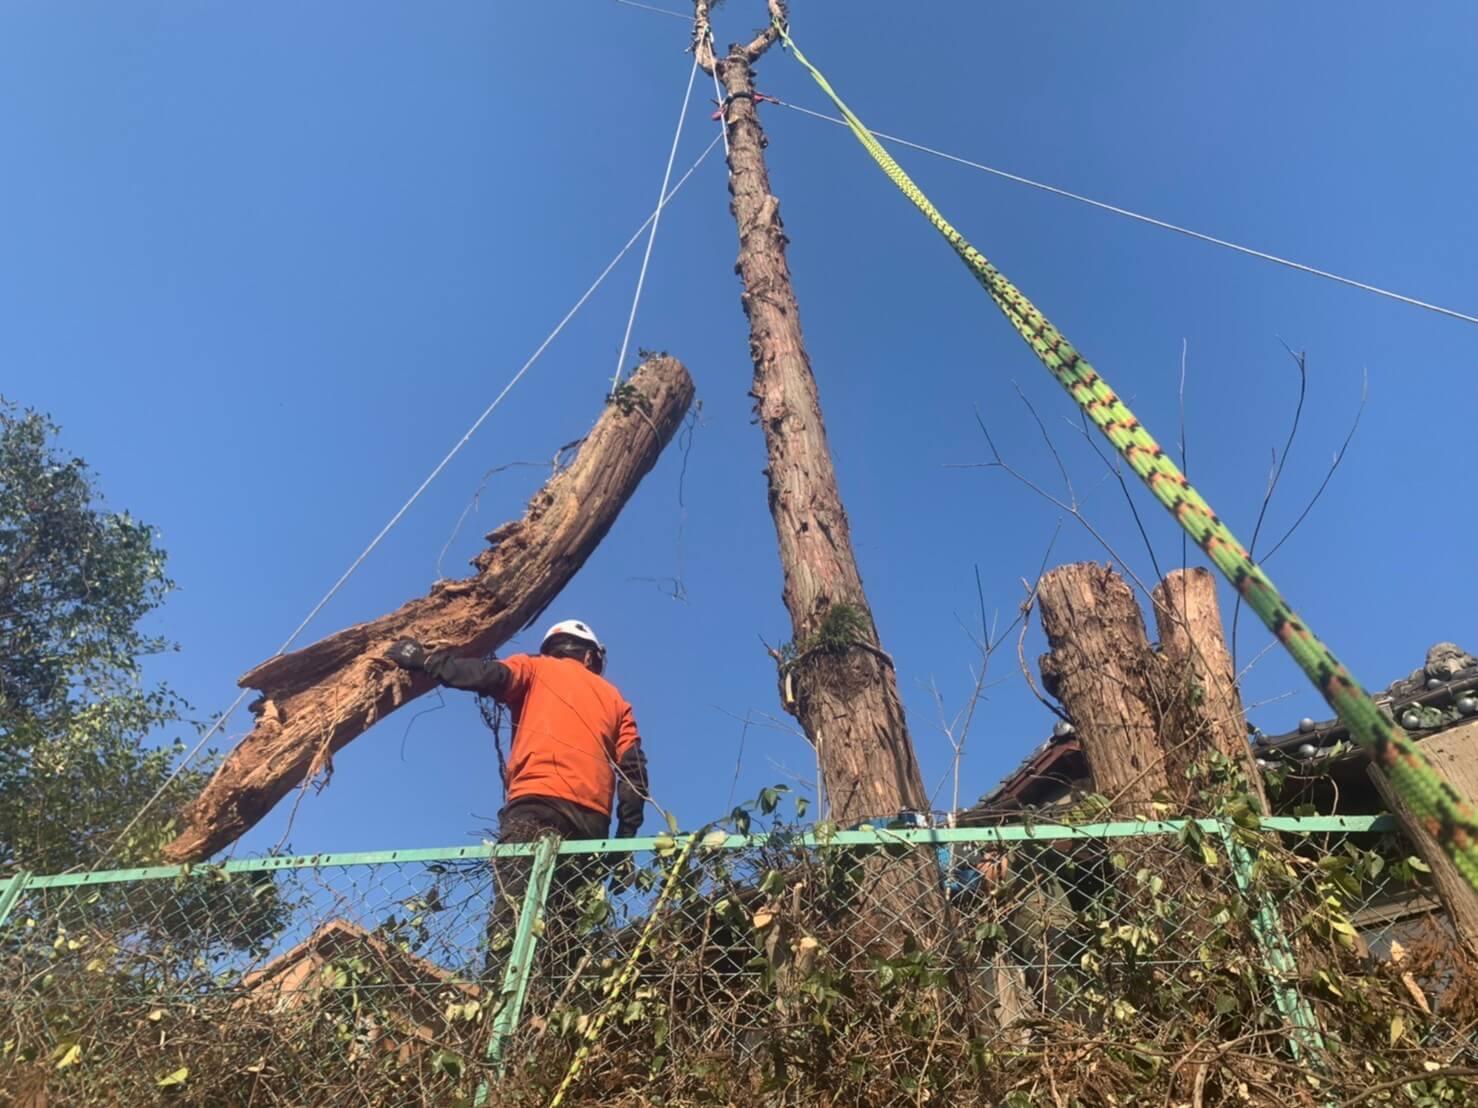 重い幹の部分をロープを使って集材している様子。